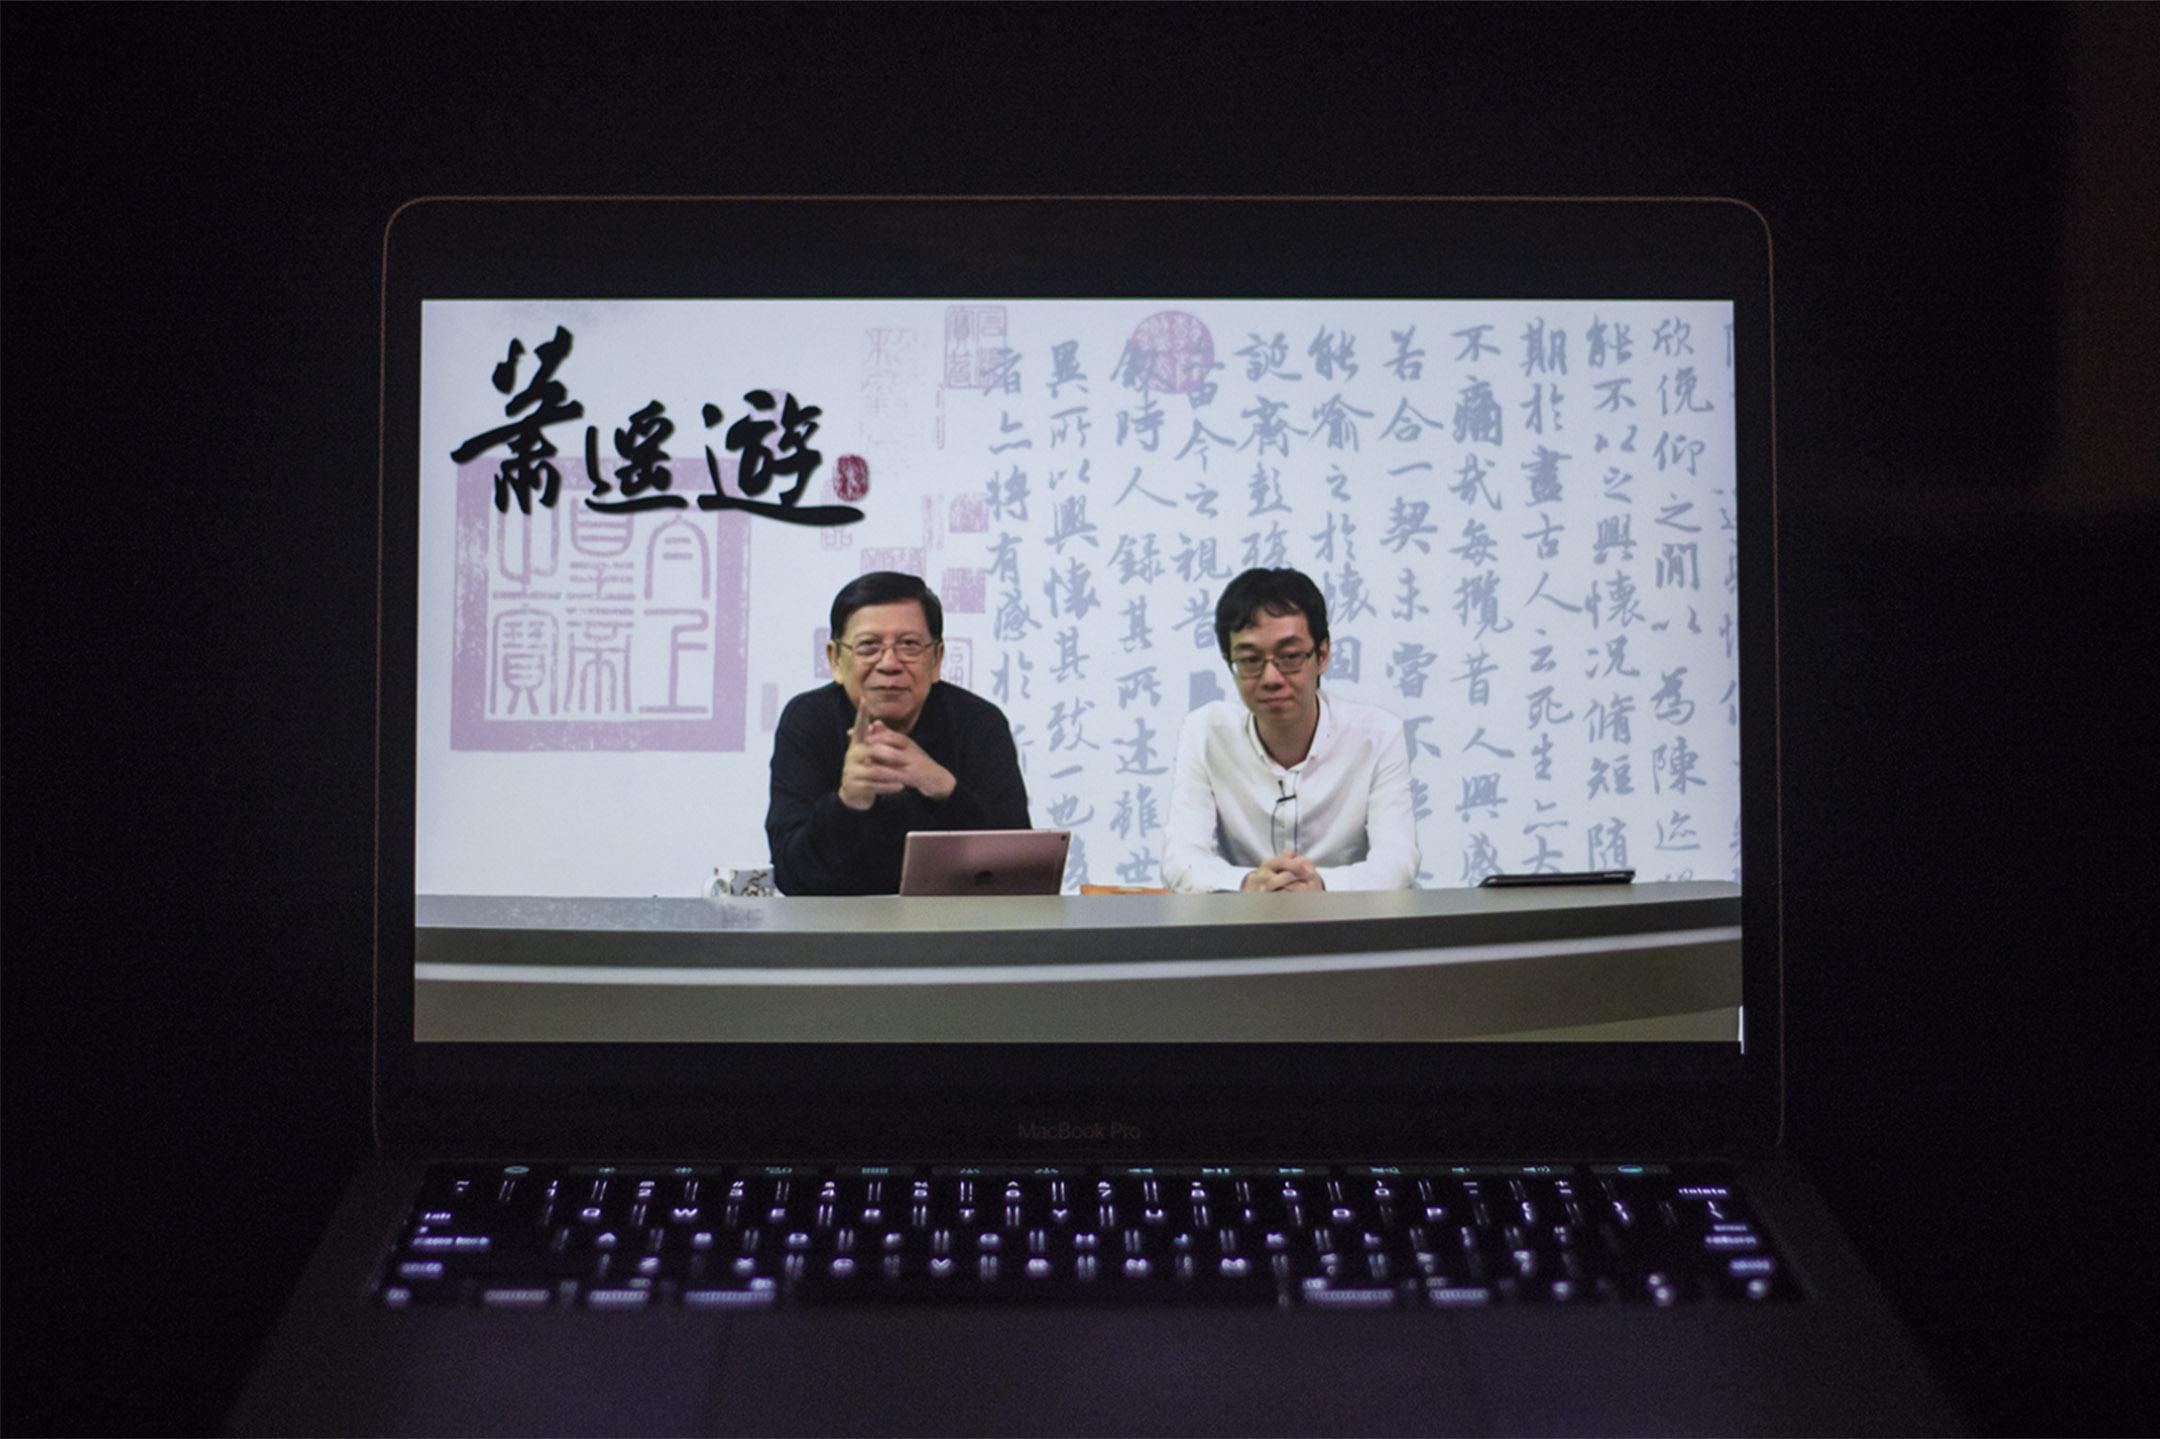 網台「謎米香港」昔日的節目「蕭遙遊」。 攝:陳焯煇/端傳媒